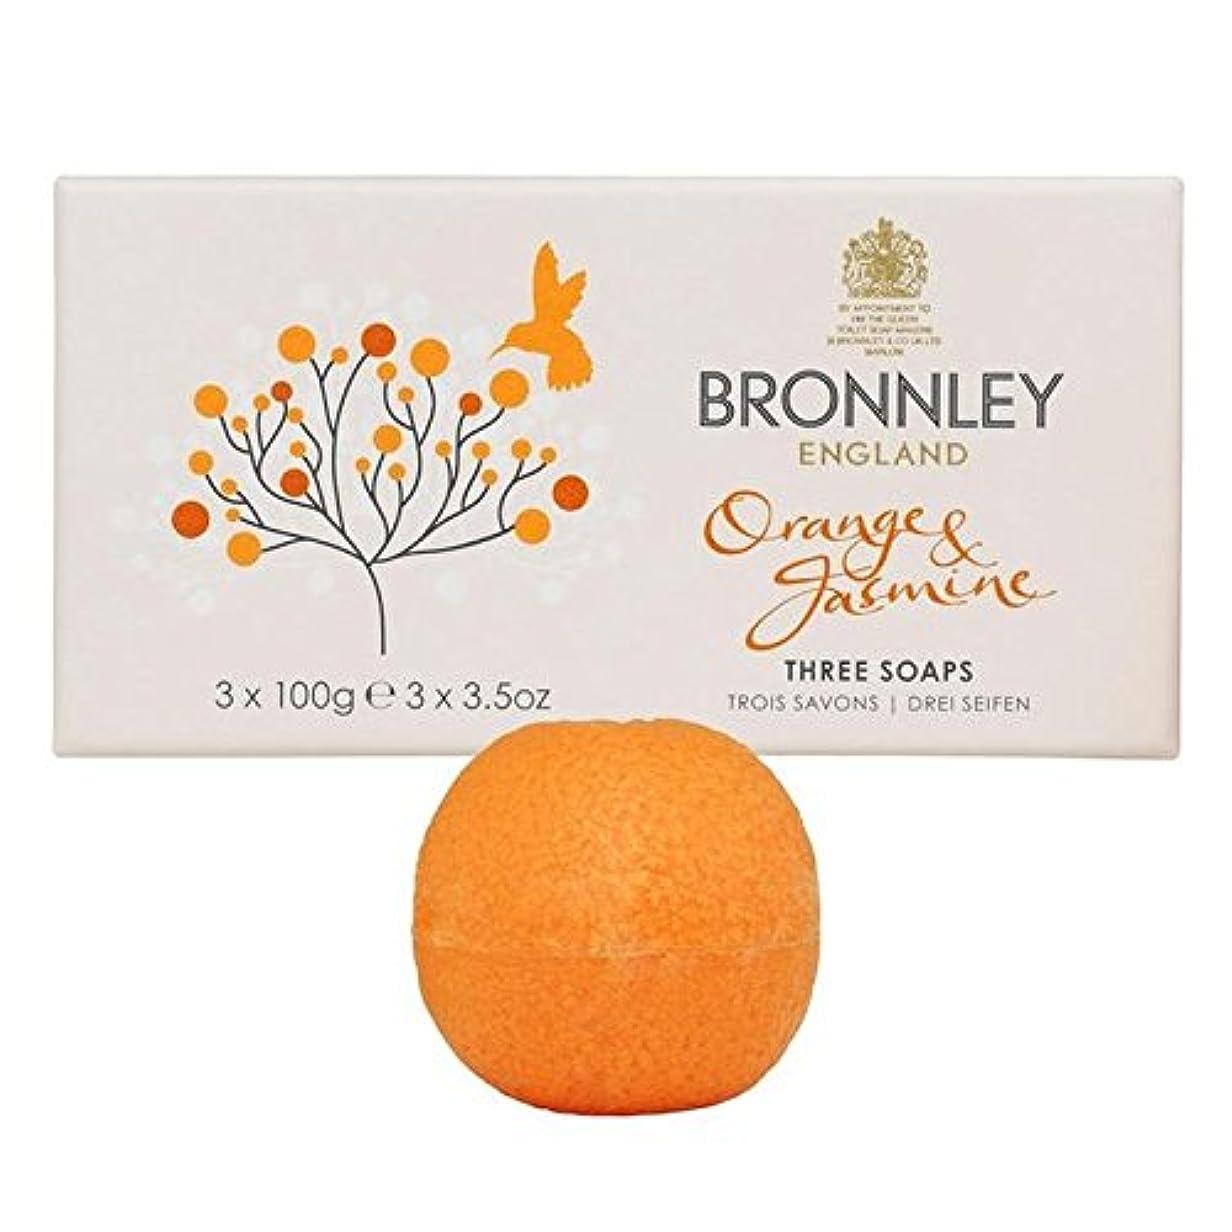 食事を調理する後継老朽化したオレンジ&ジャスミン石鹸3×100グラム x2 - Bronnley Orange & Jasmine Soaps 3 x 100g (Pack of 2) [並行輸入品]